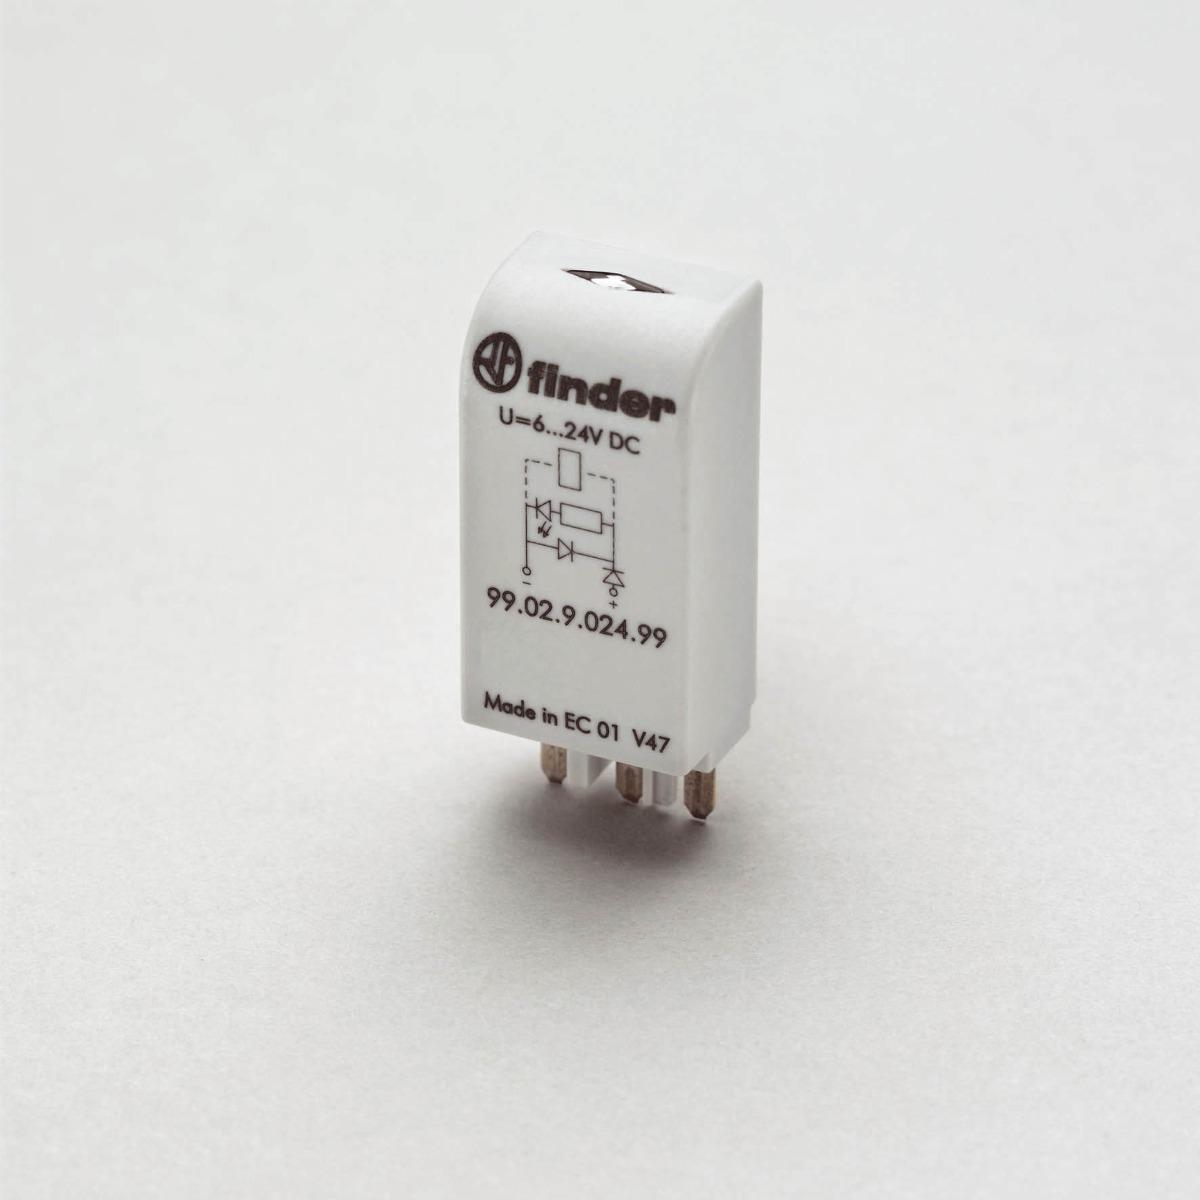 Circuito Rc : Modulo circuito rc 110 240 vac vdc 99020230009 r$ 30 30 em mercado